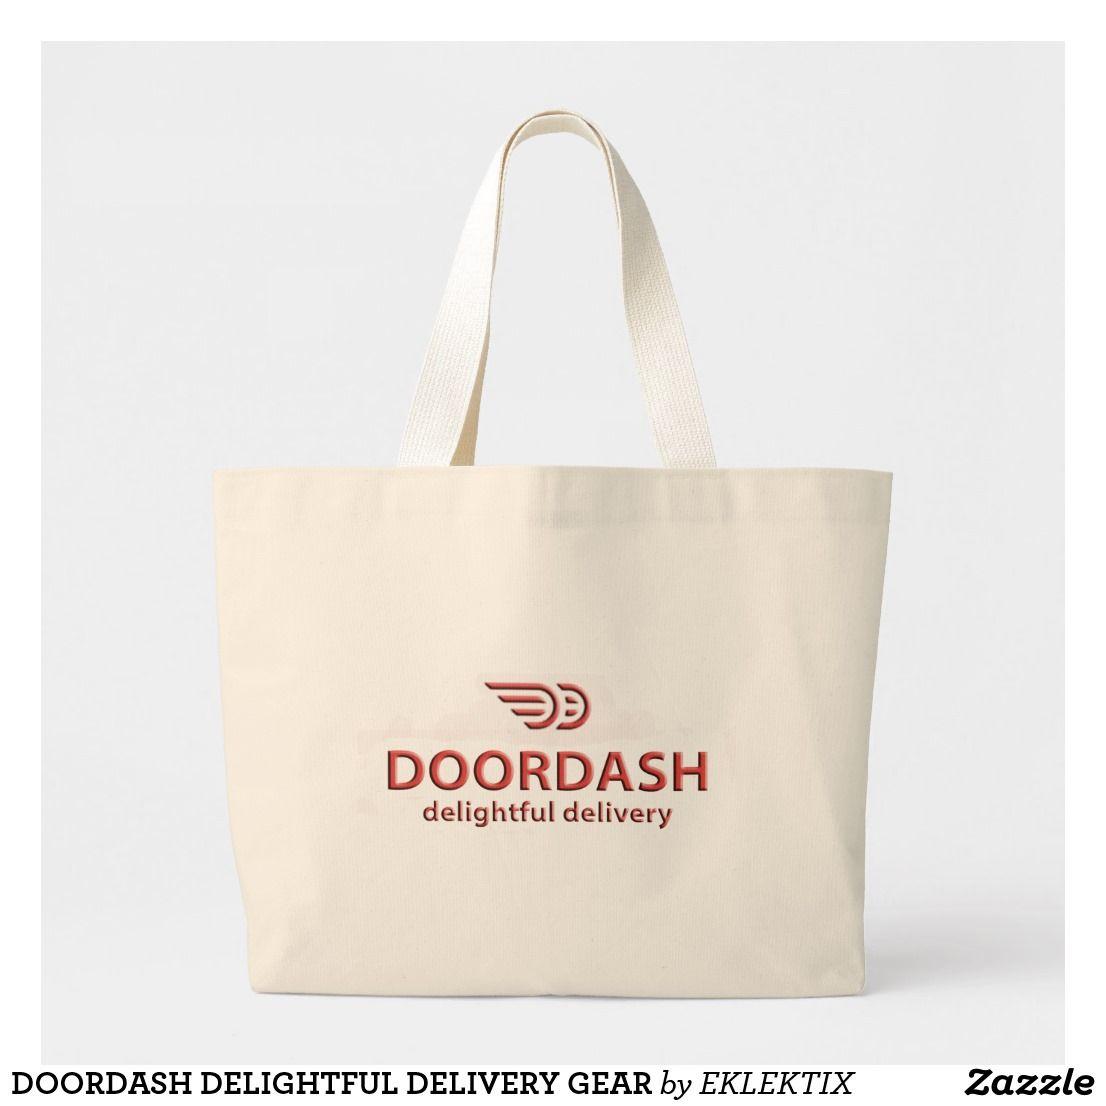 Doordash delightful delivery gear large tote bag large